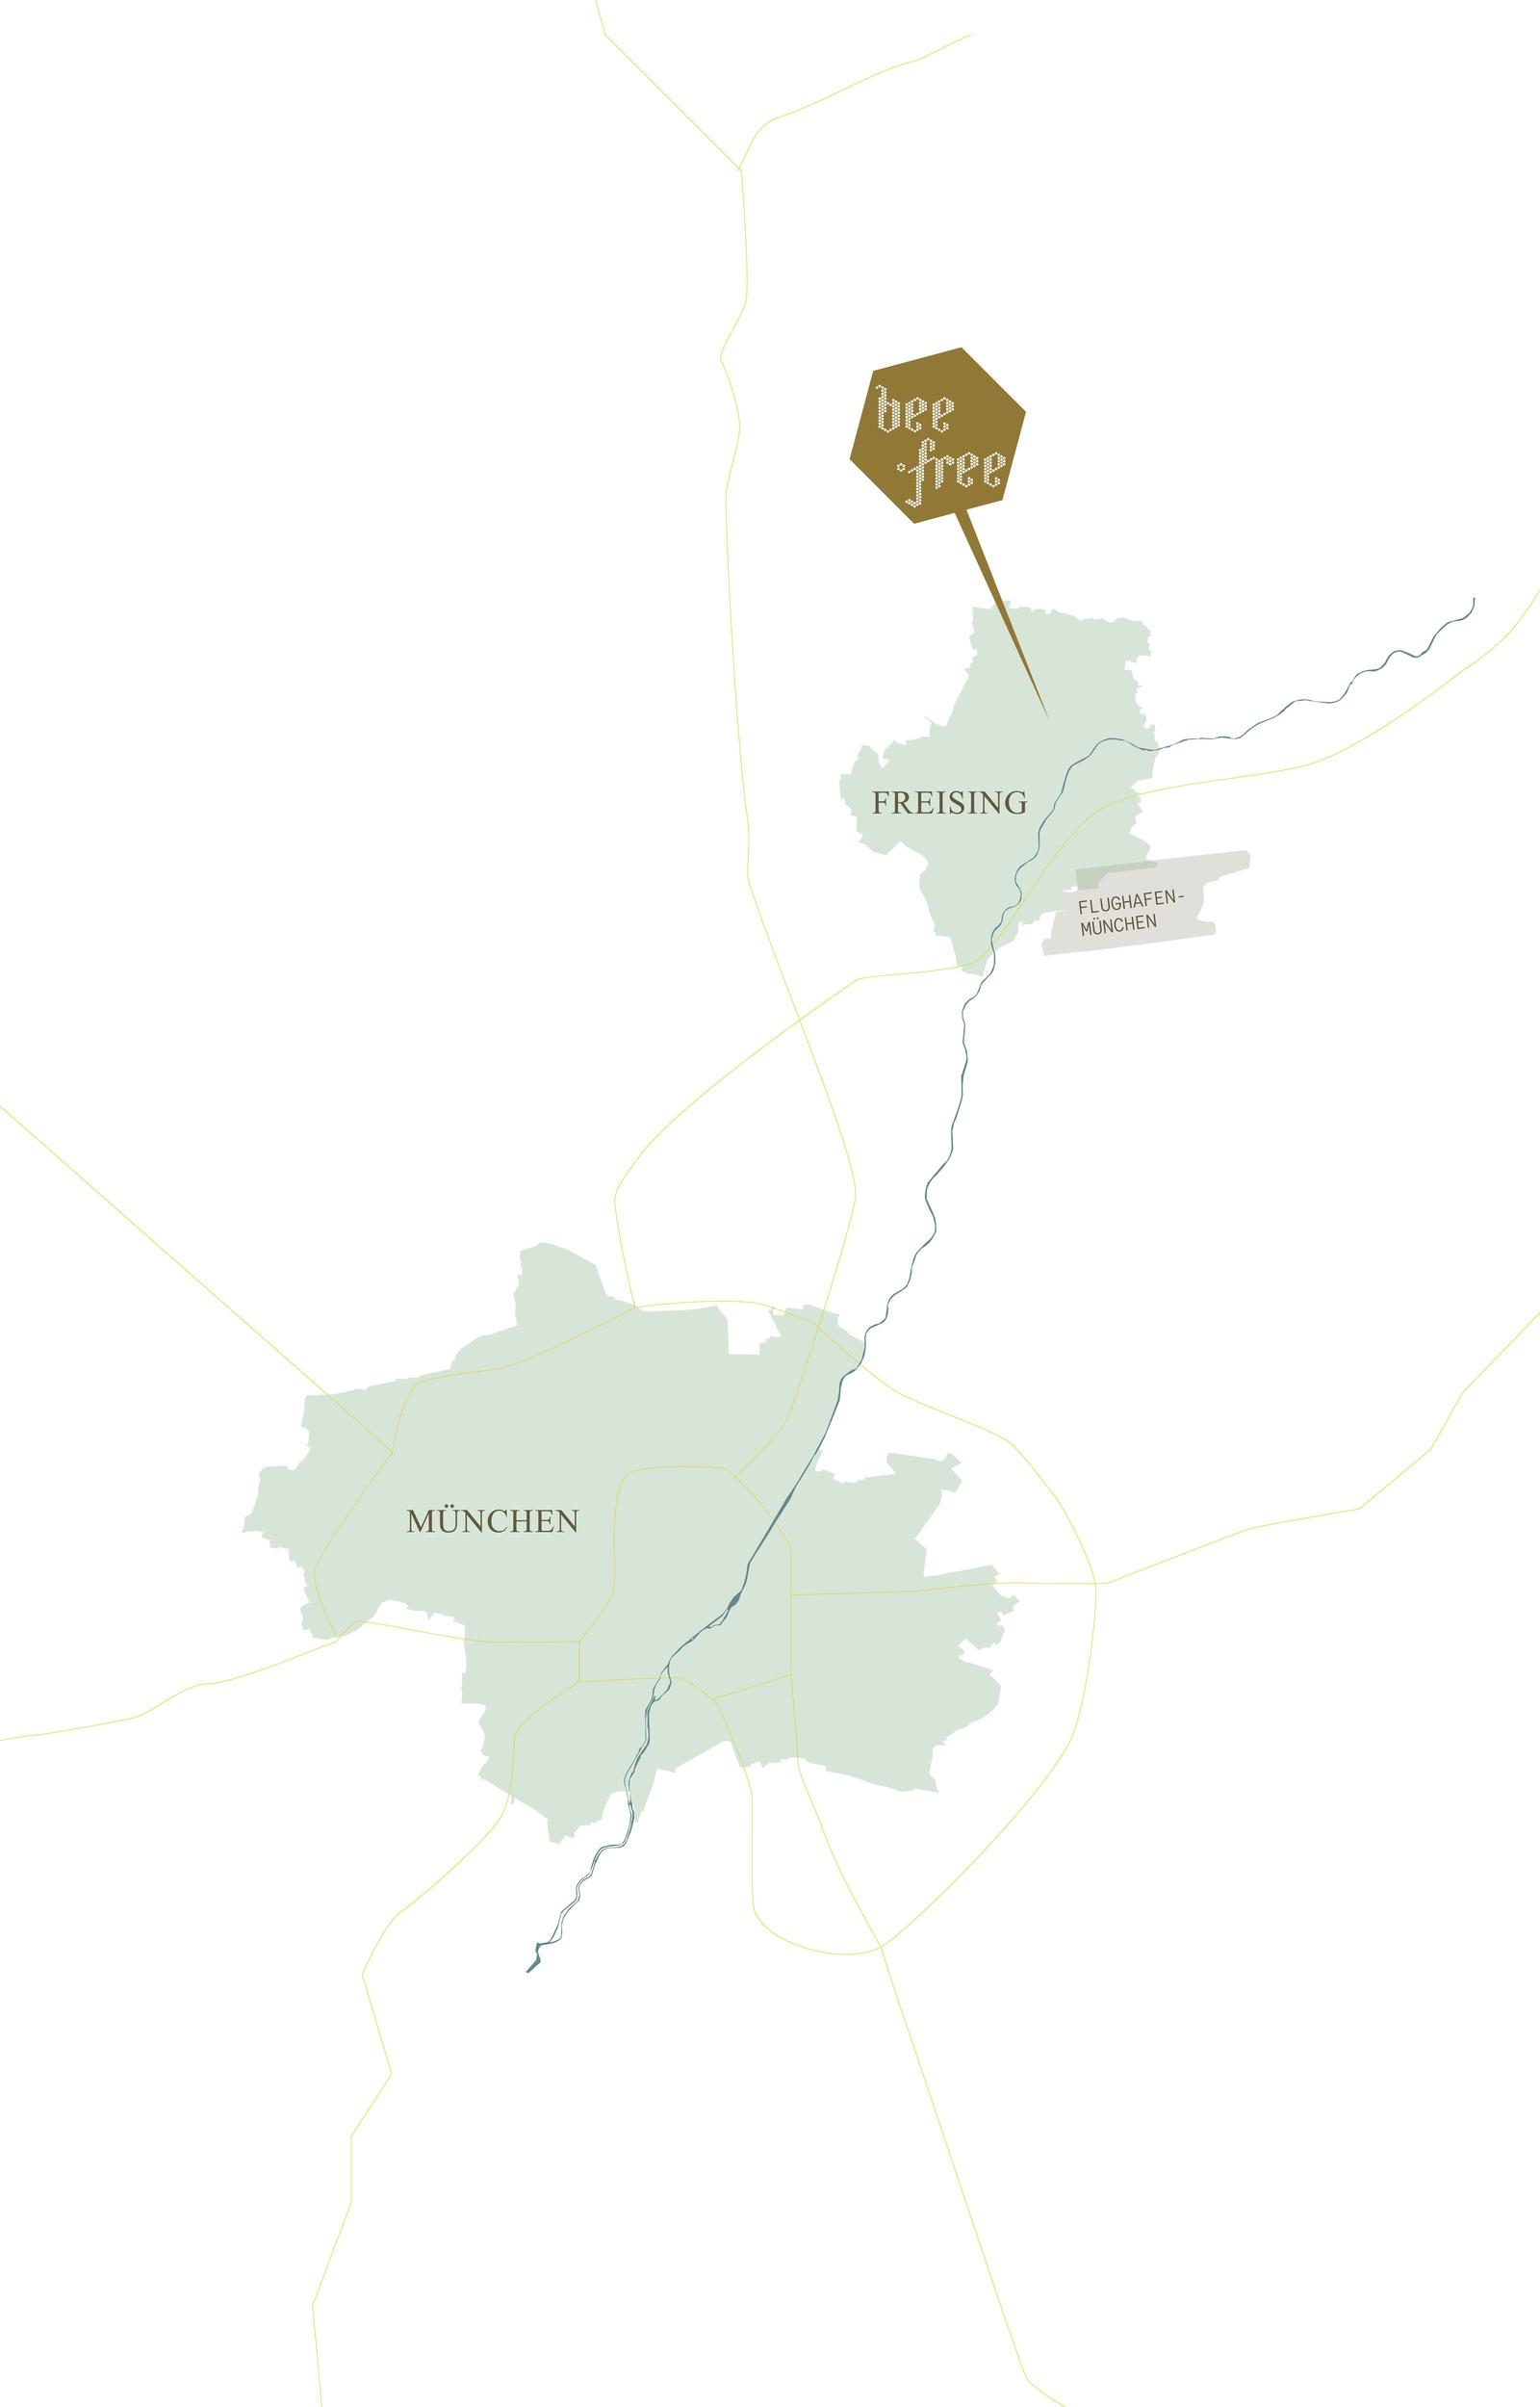 Stilisierte Karte Landkreis Freising